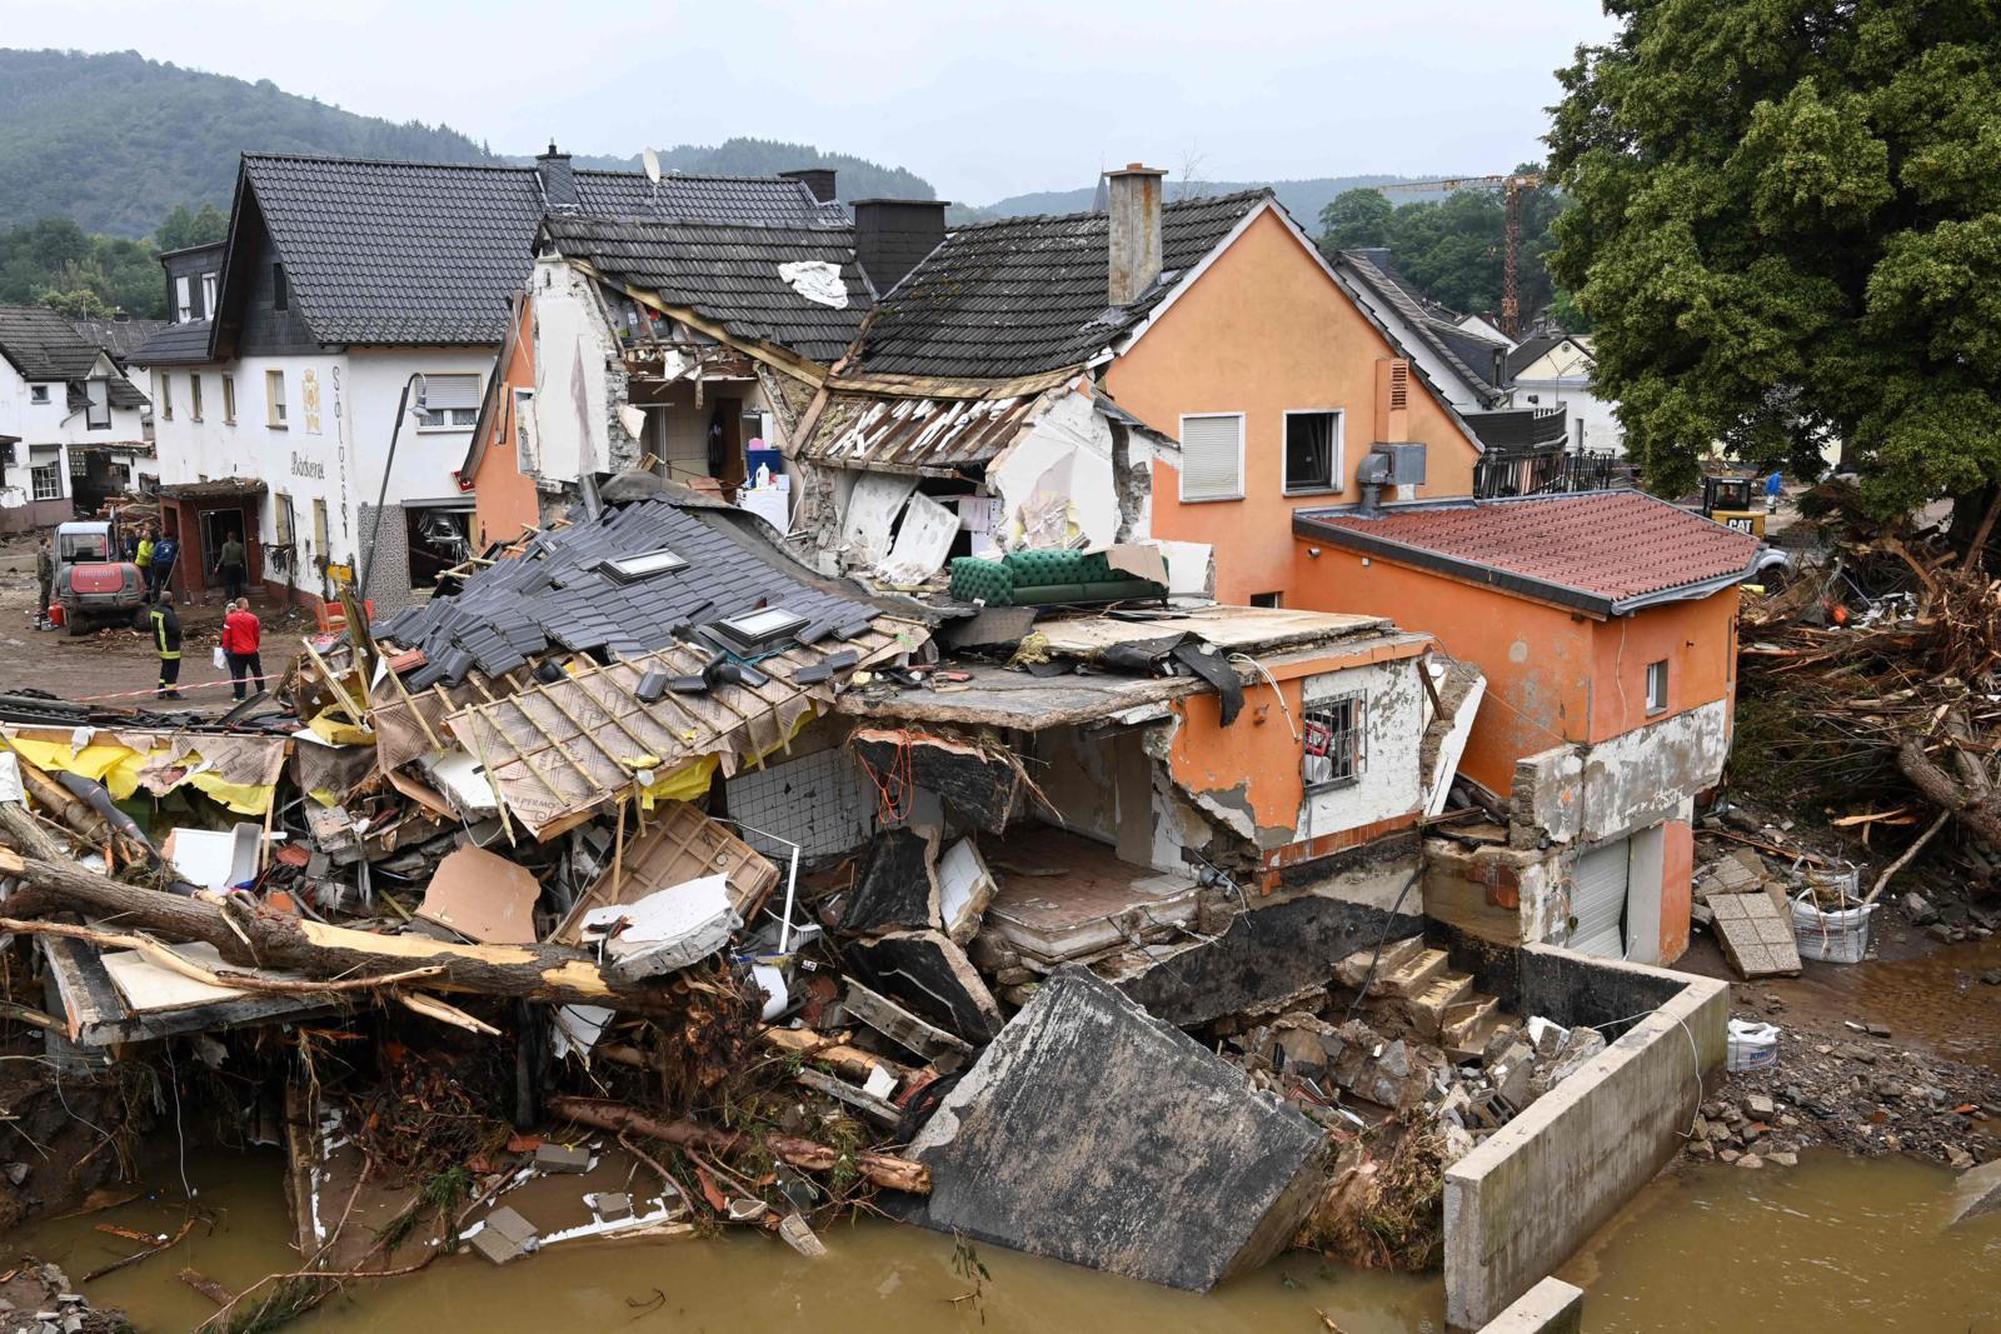 … Katastrophen mit Toten wie hier in Deutschland im Juli 2021 werden unsere Breitengrade öfter heimsuchen. AFP